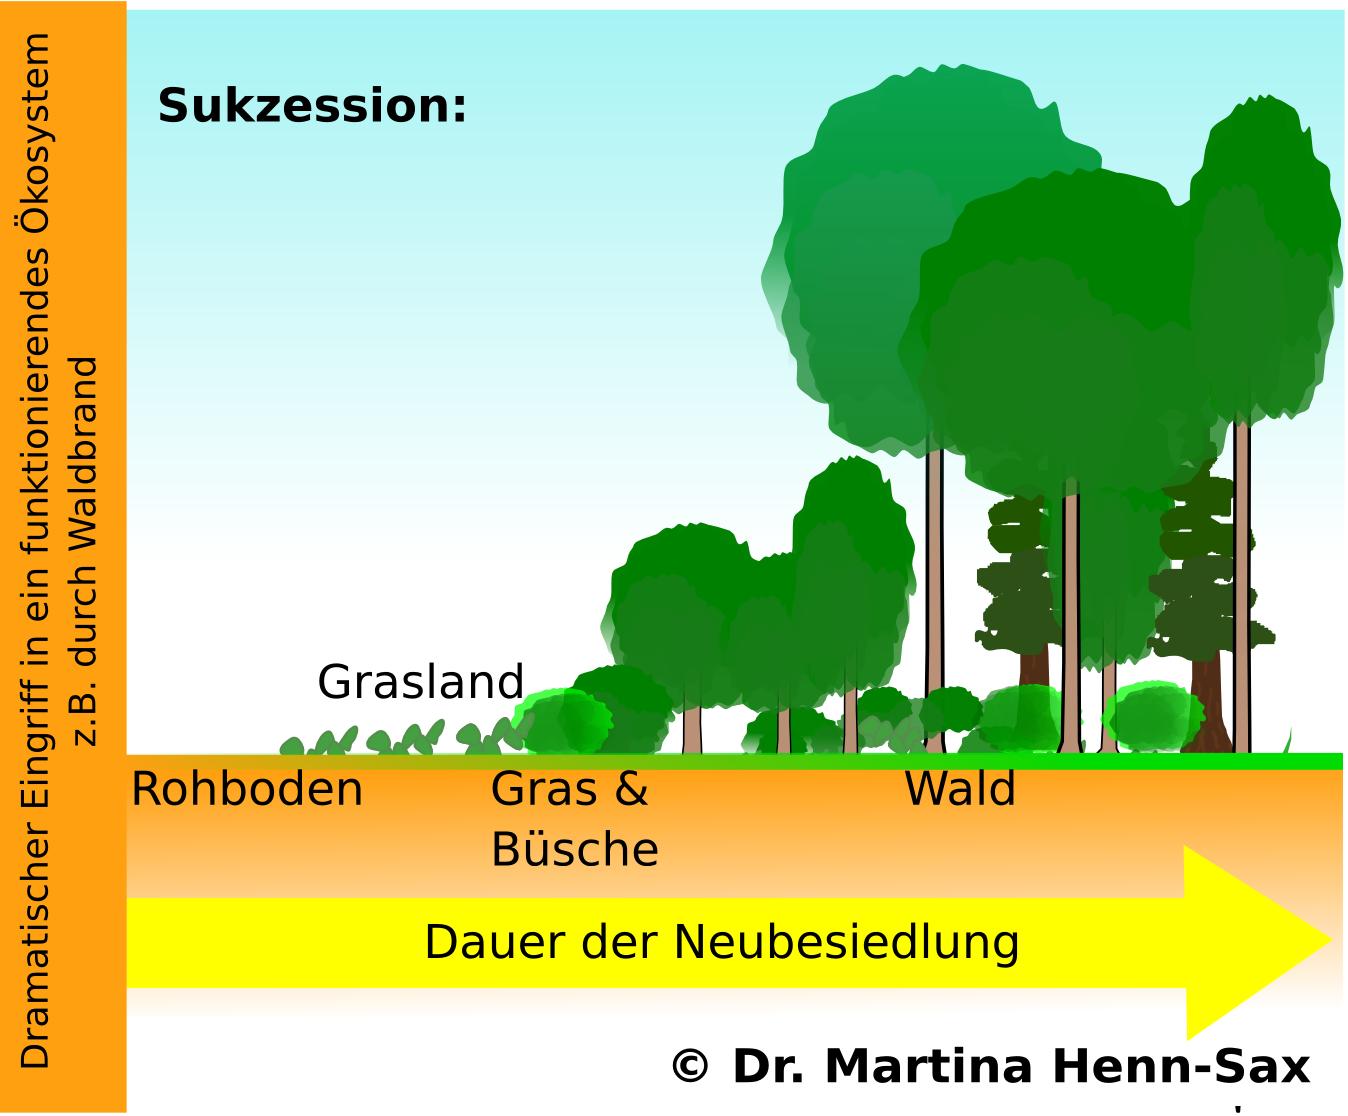 Okosystem Wald Unterrichtsmaterial Im Fach 3